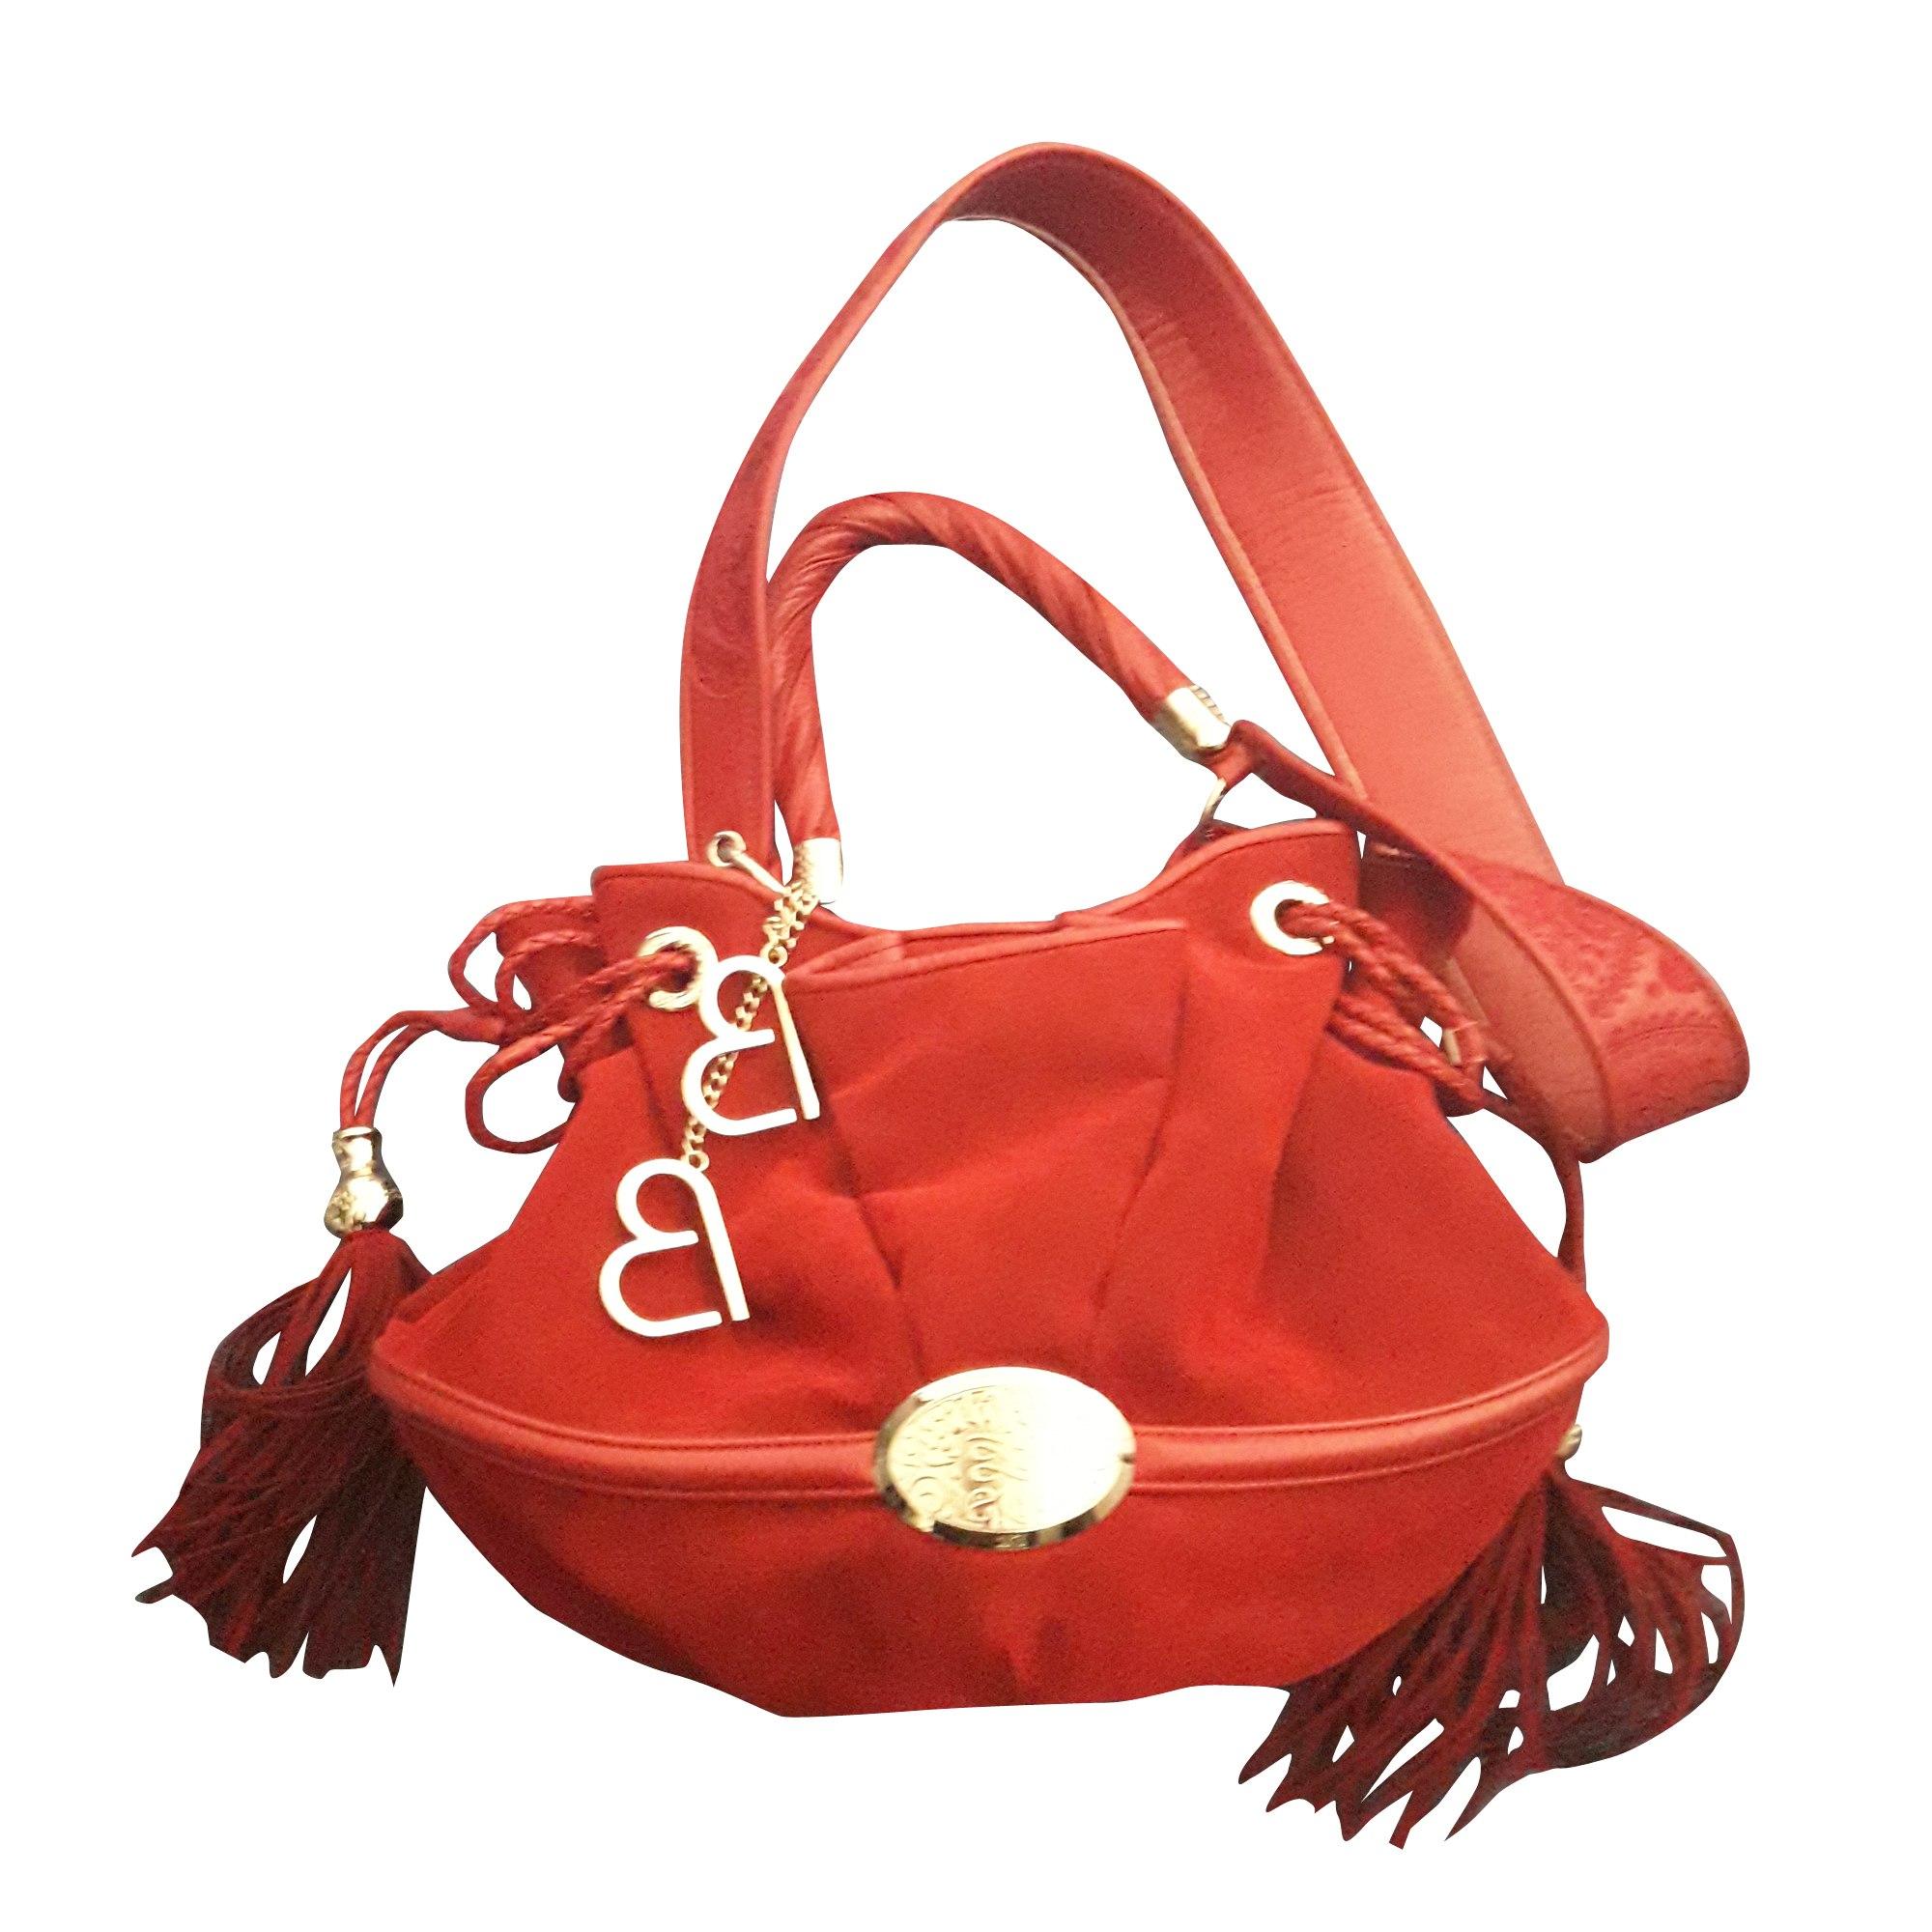 sac lancel bb rouge